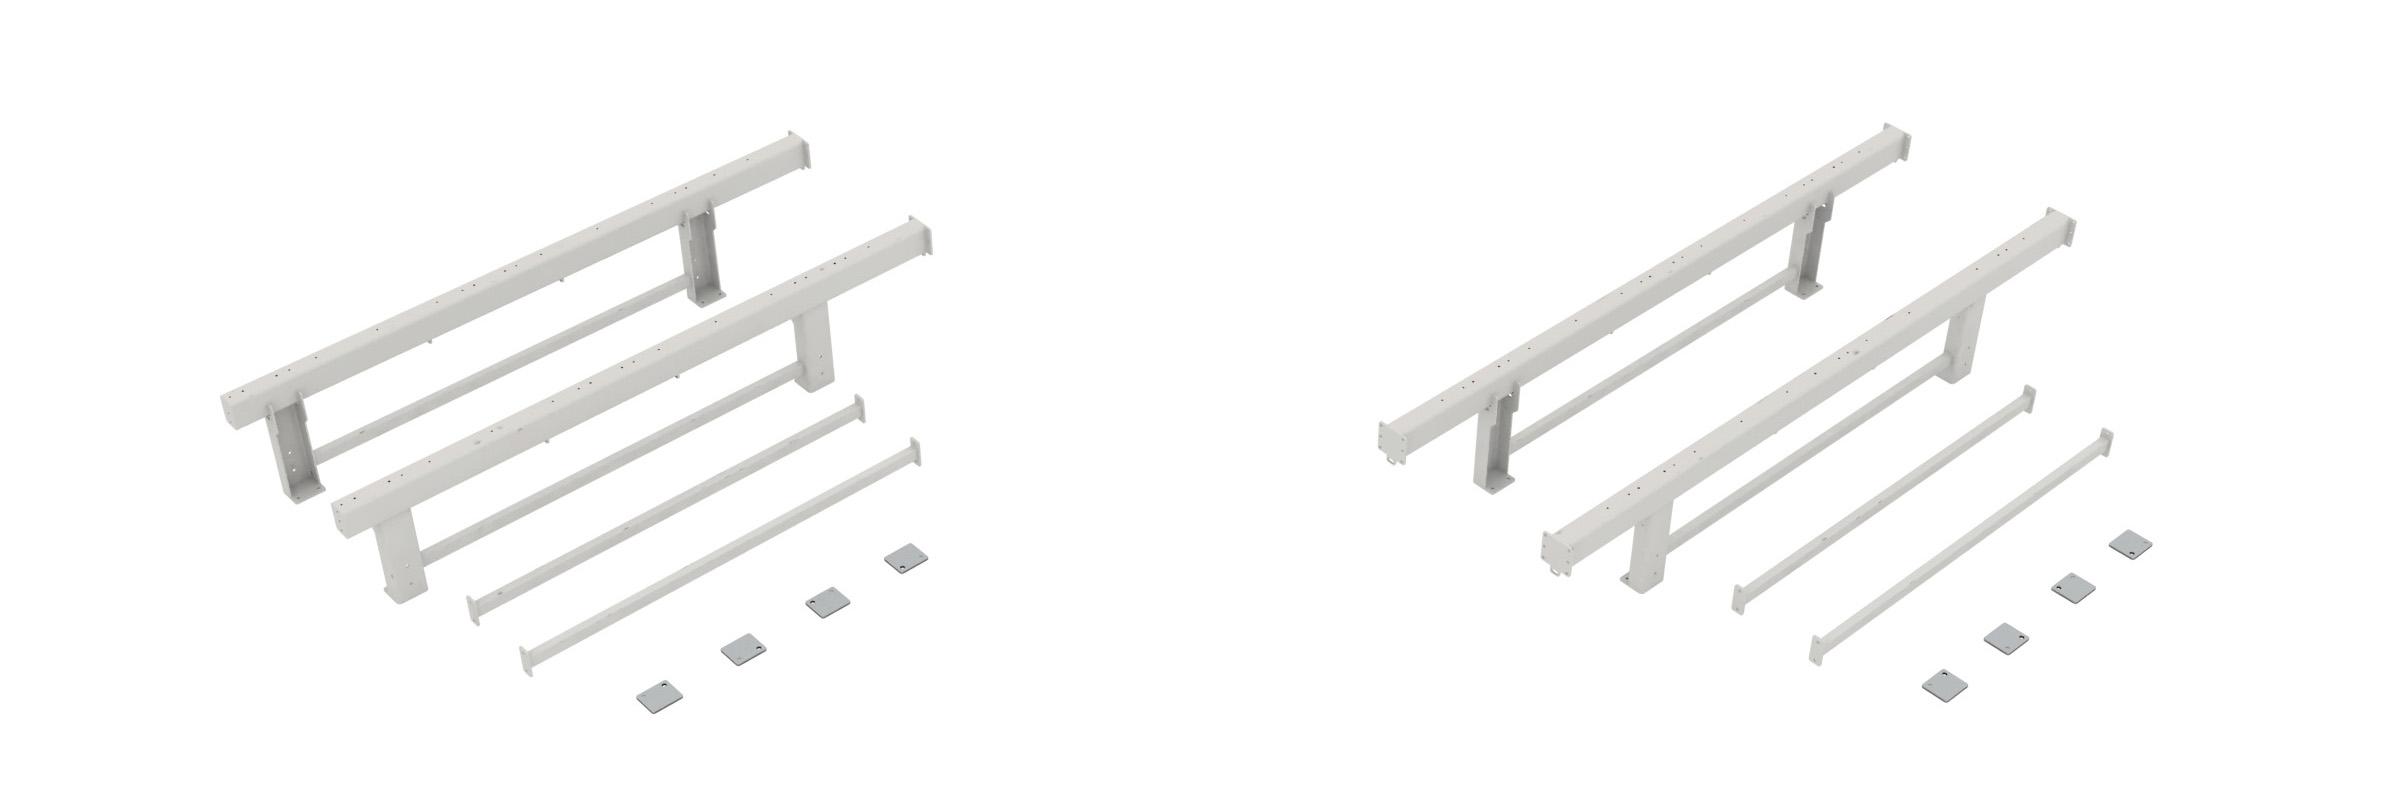 Soukup FRAMER Modular modules